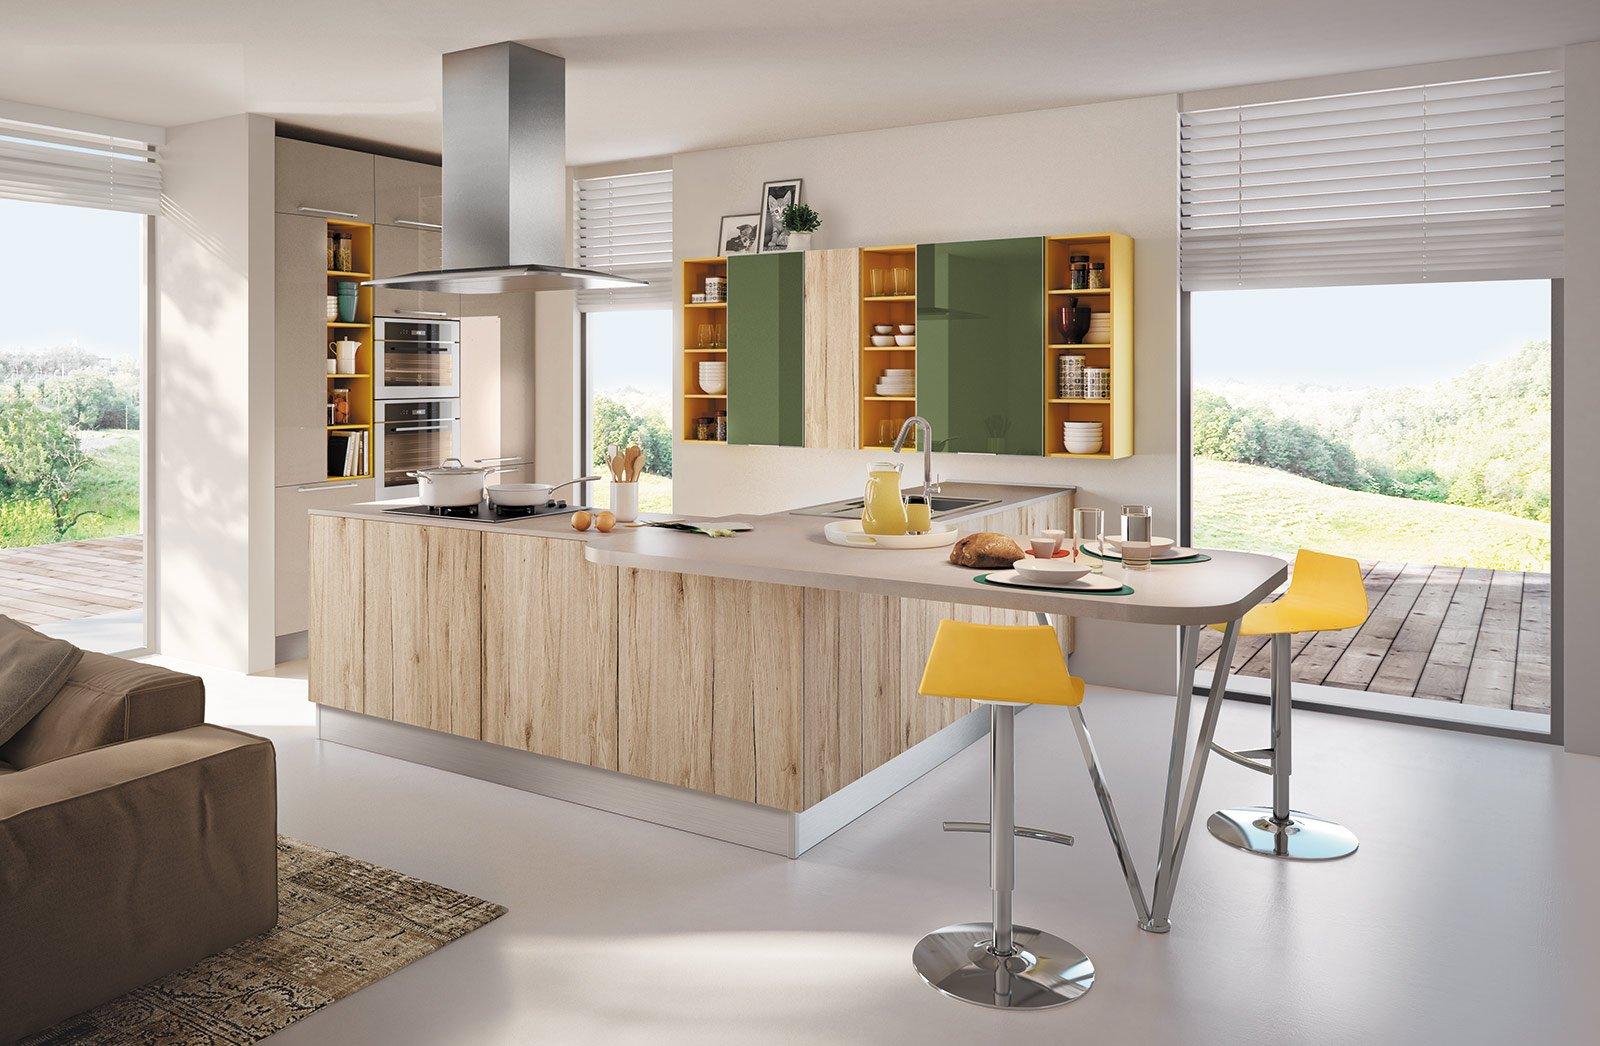 Banco snack pratico e conviviale cose di casa - Sgabelli per cucina moderna ...